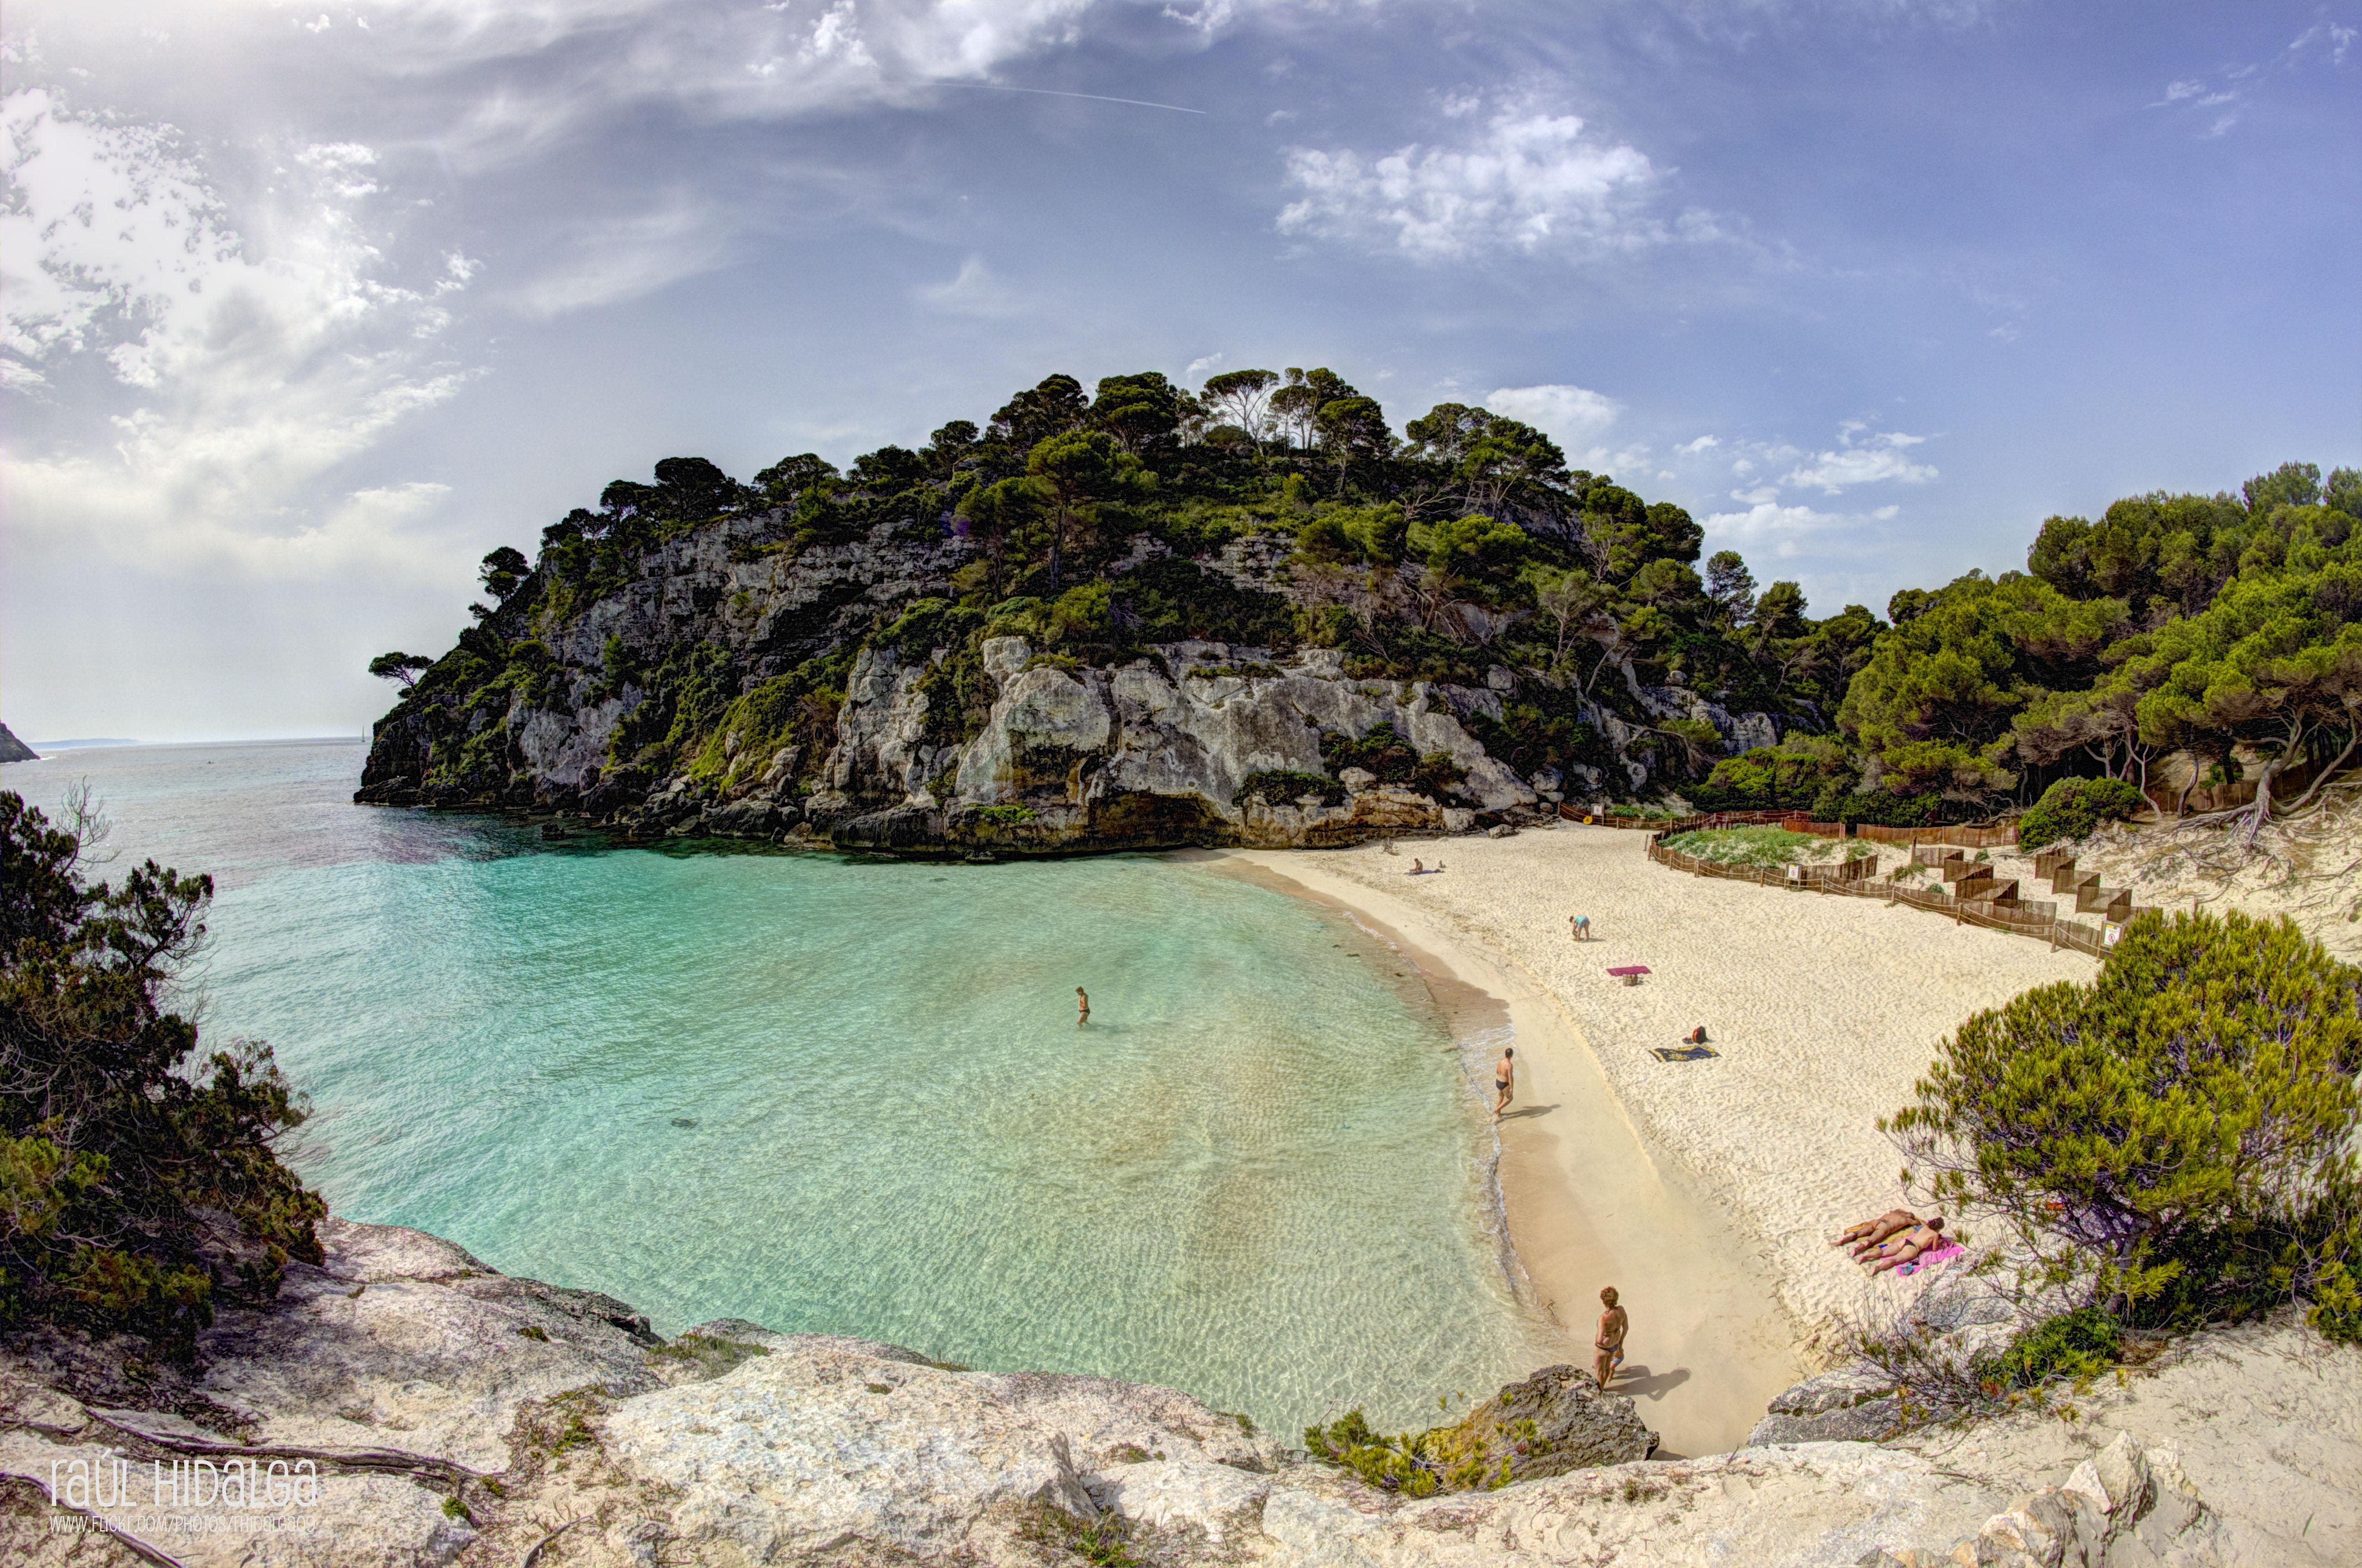 Praia de Macarelleta em Menorca, nas Ilhas Baleares, Espanha